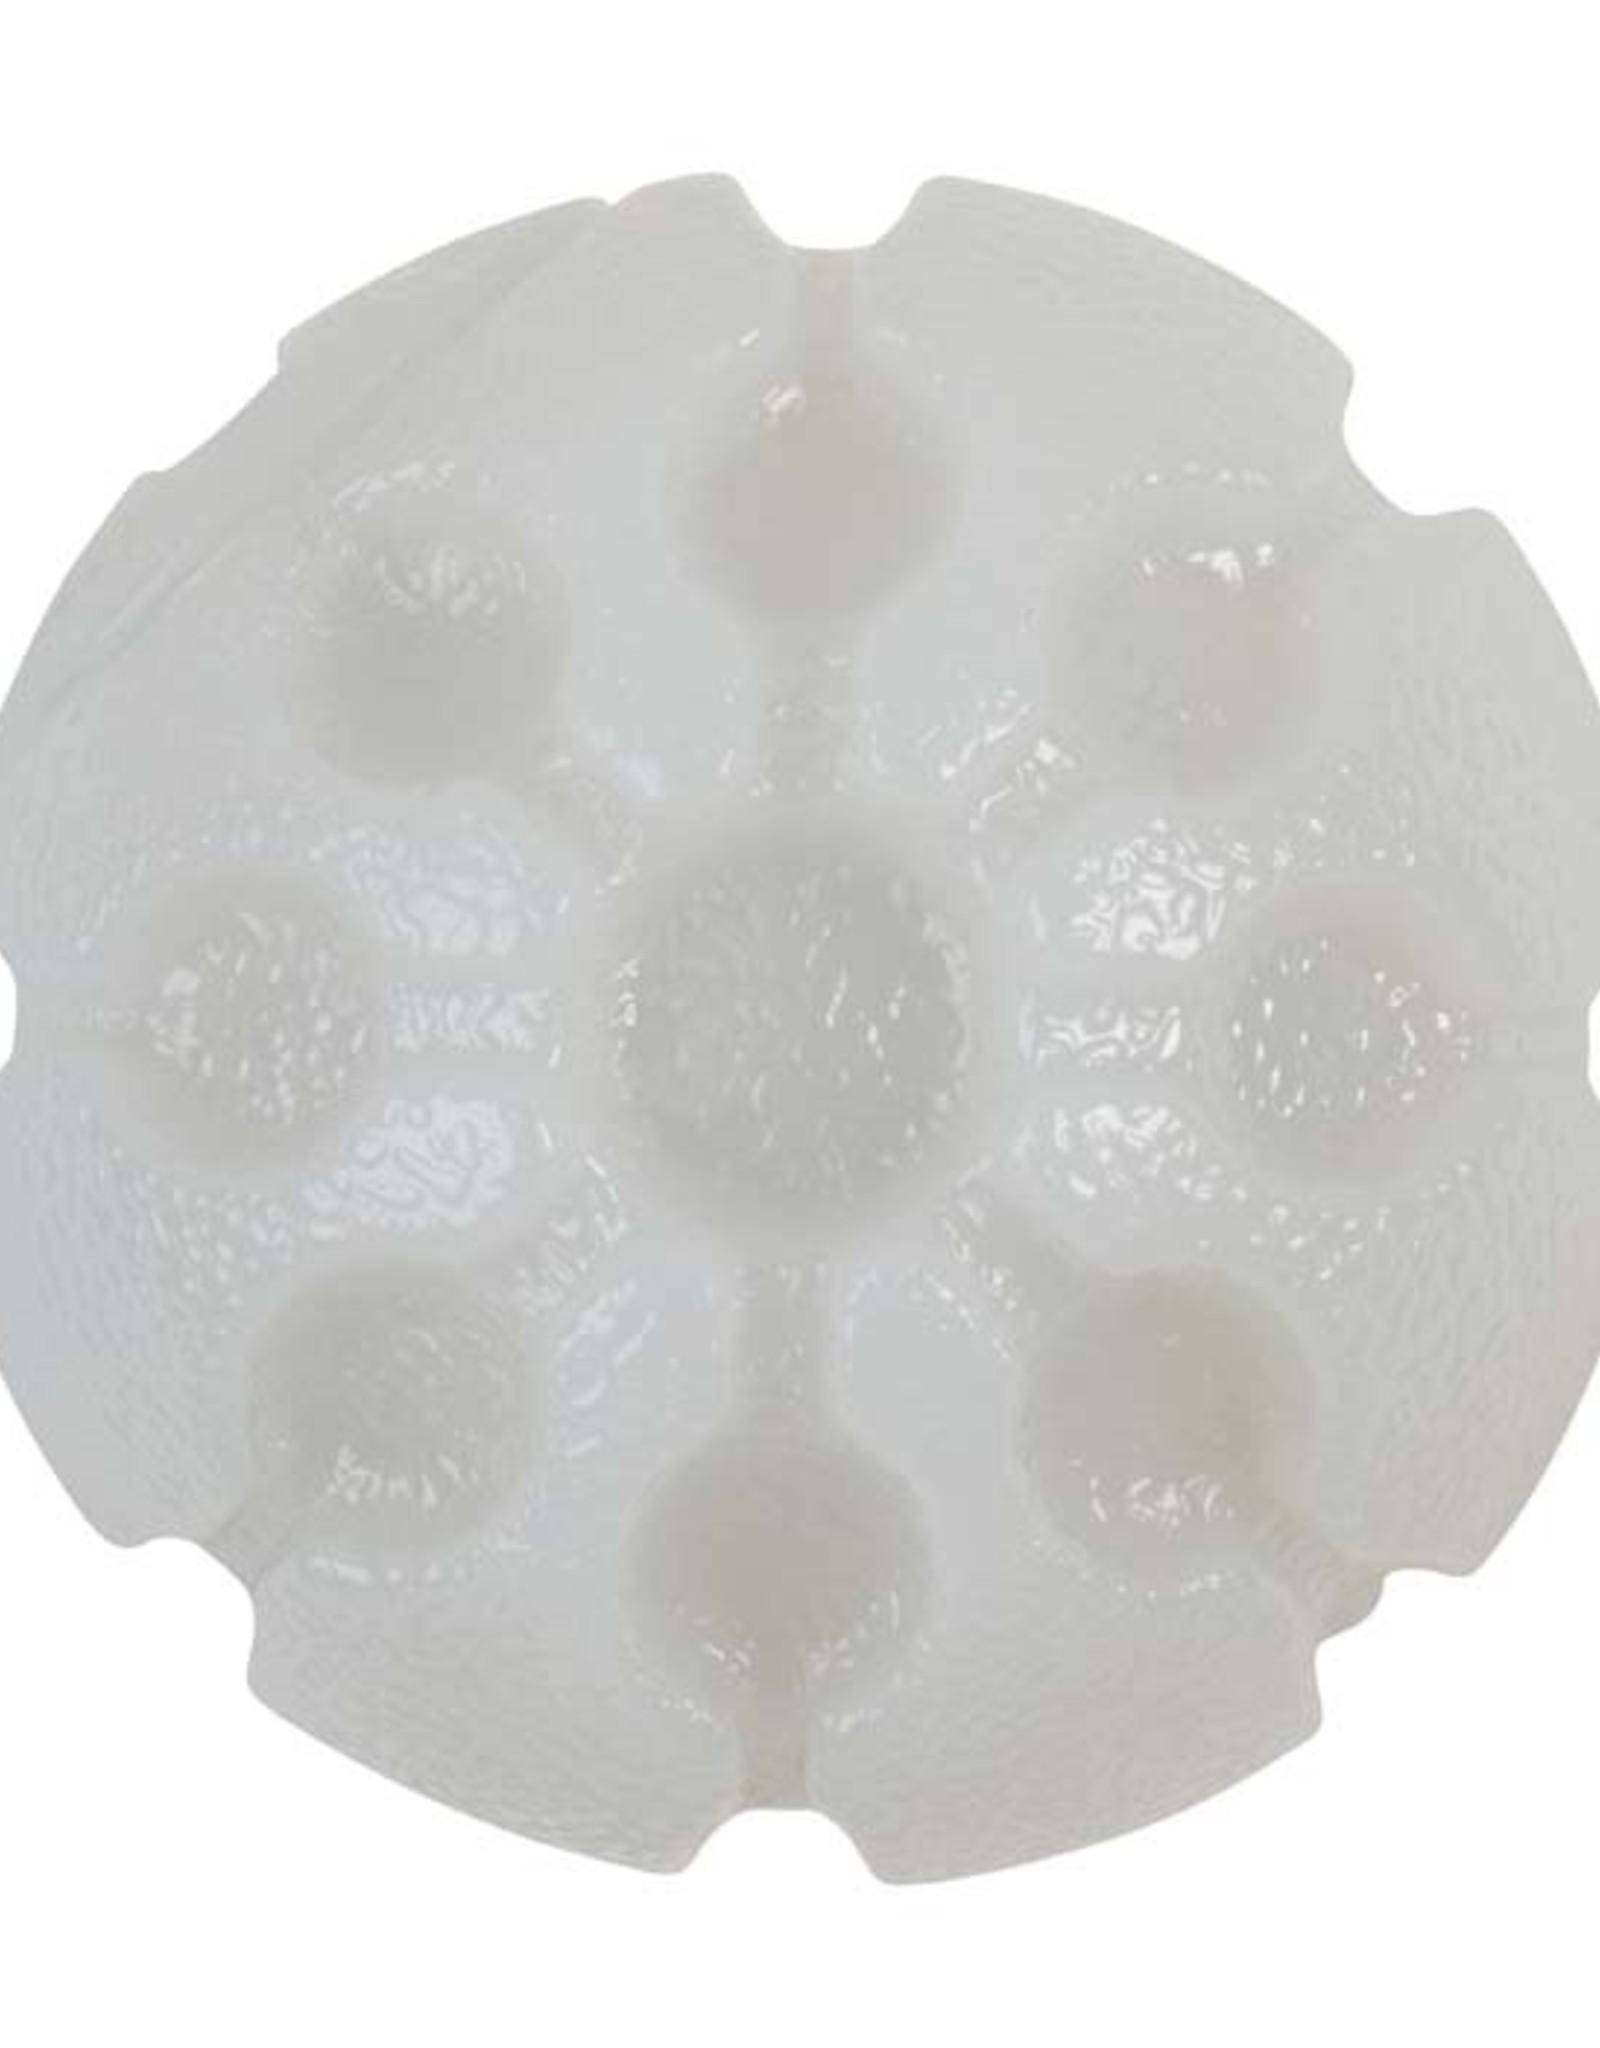 Nite-Ize GlowStreak LED Ball